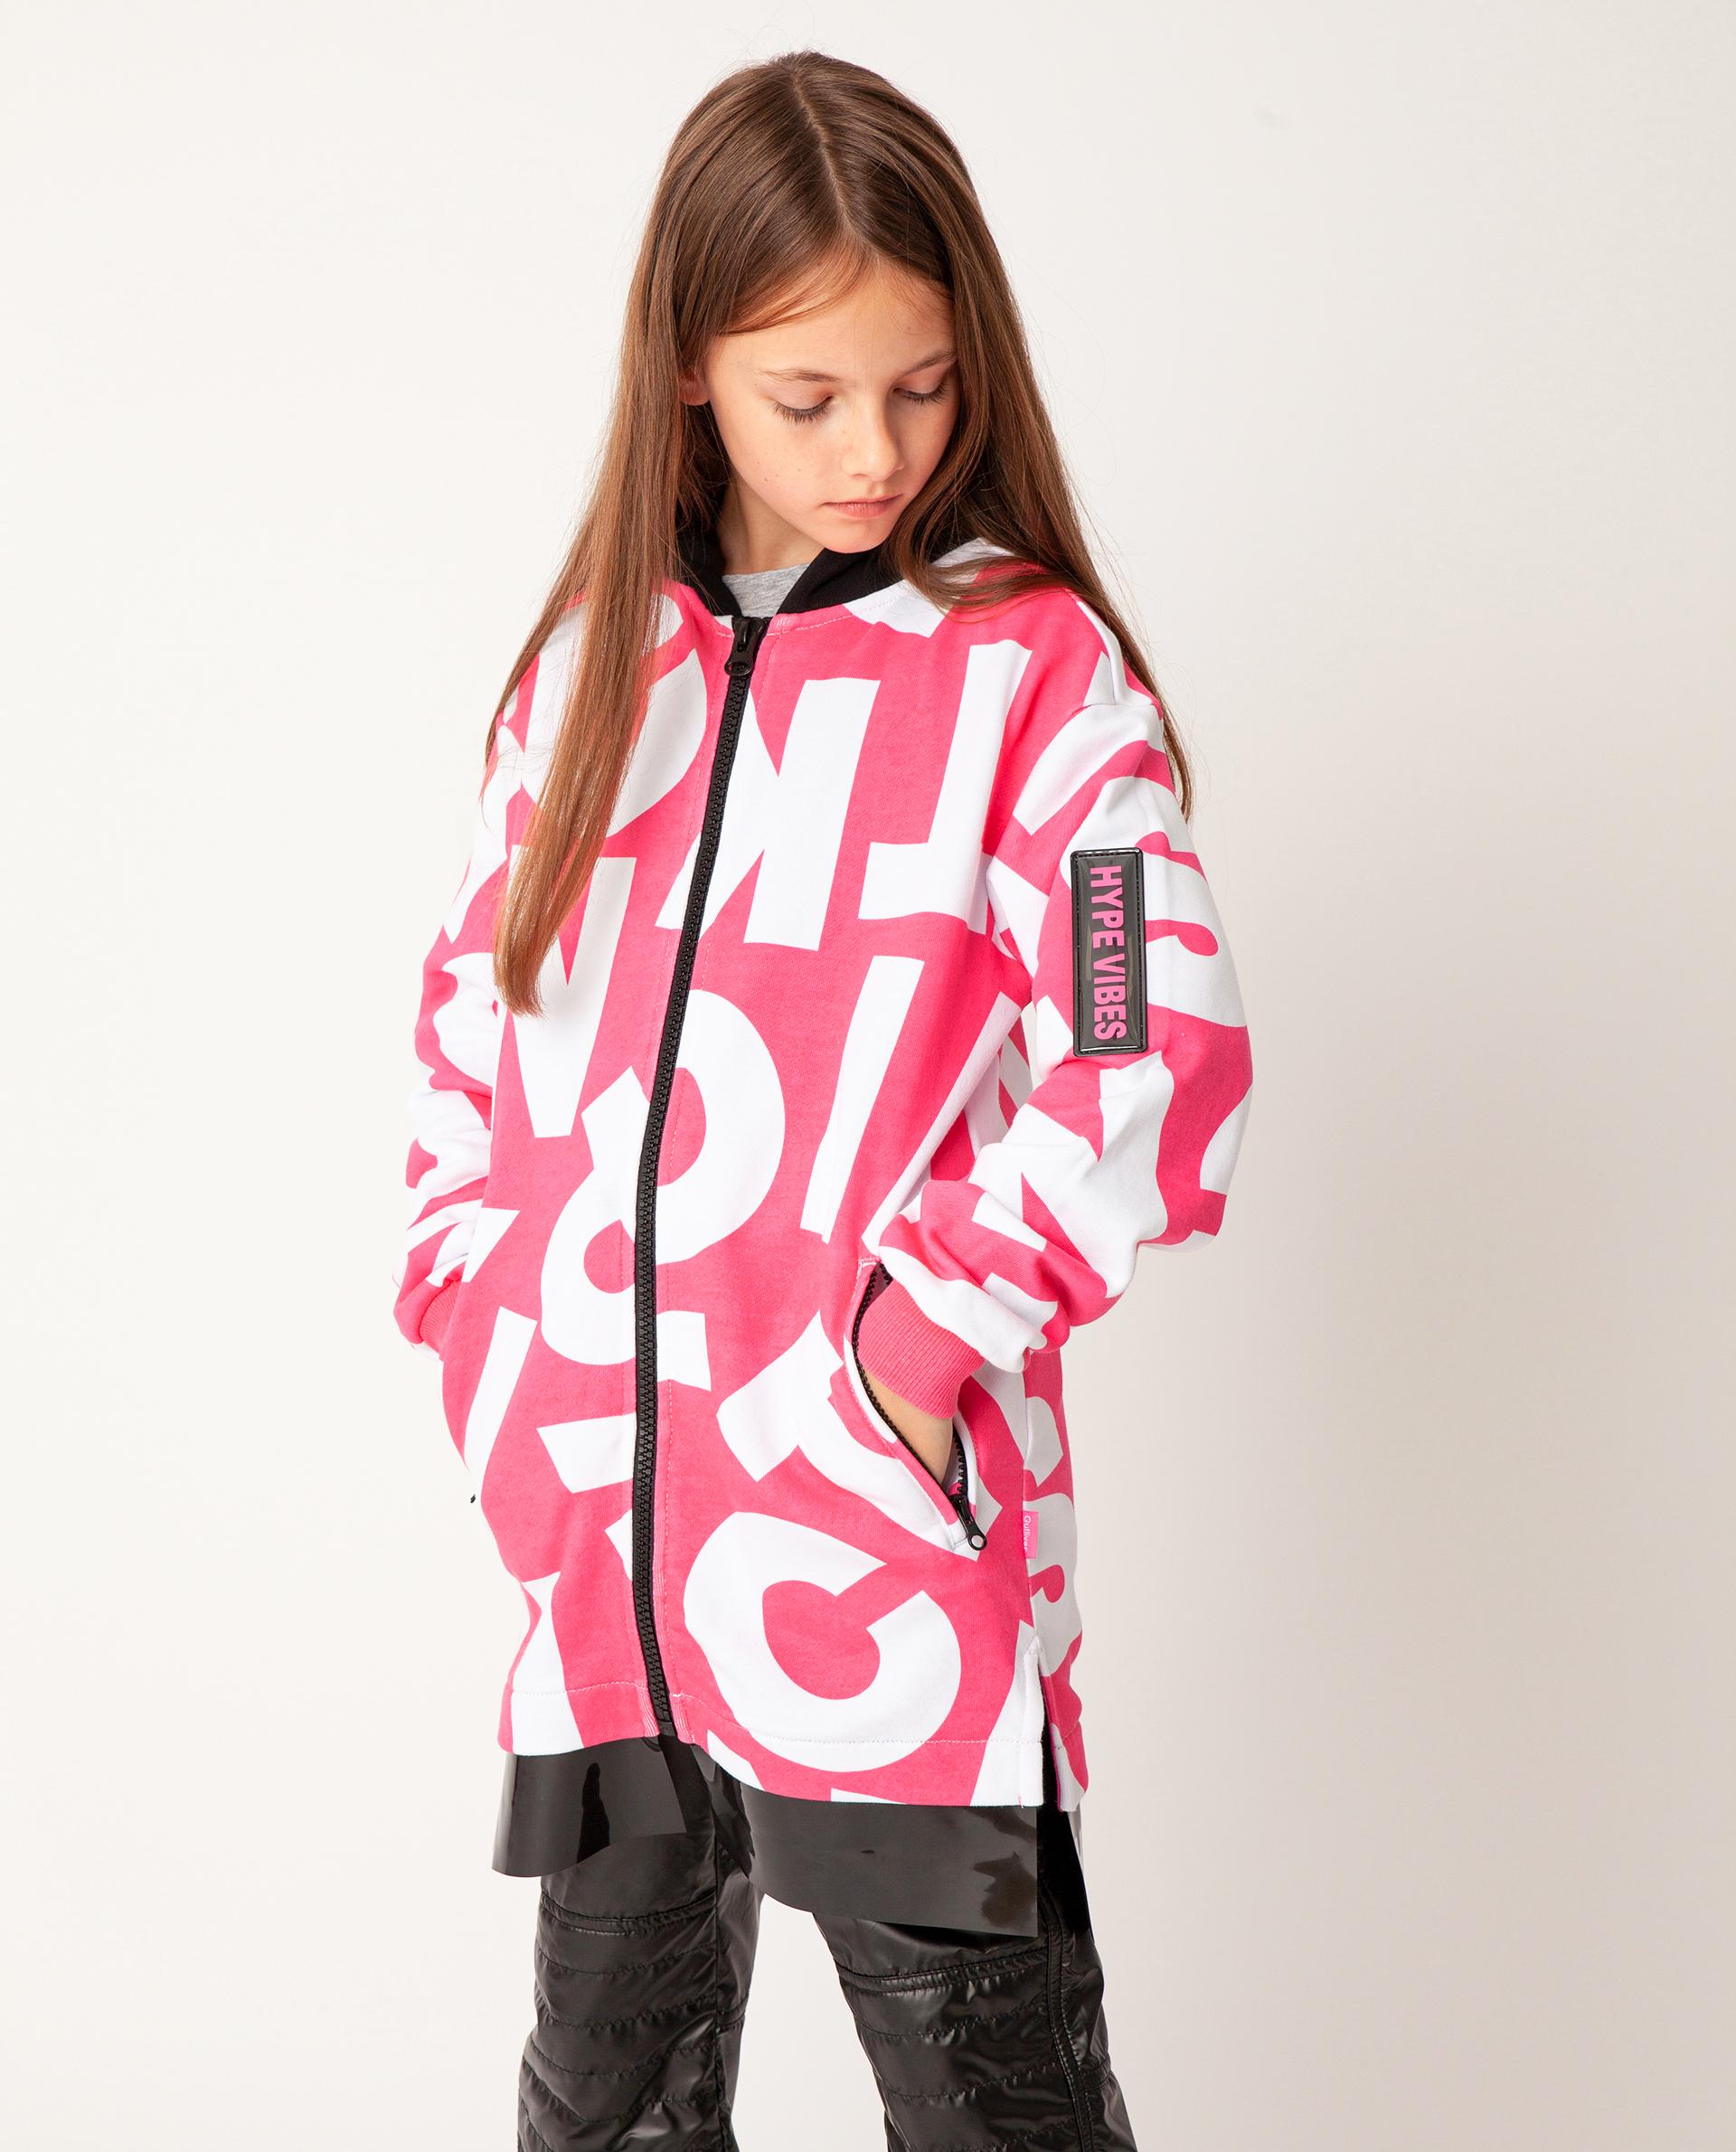 Купить 22009GJC1602, Розовая толстовка Gulliver, розовый, 170, Футер, Женский, Демисезон, ОСЕНЬ/ЗИМА 2020-2021 (shop: GulliverMarket Gulliver Market)